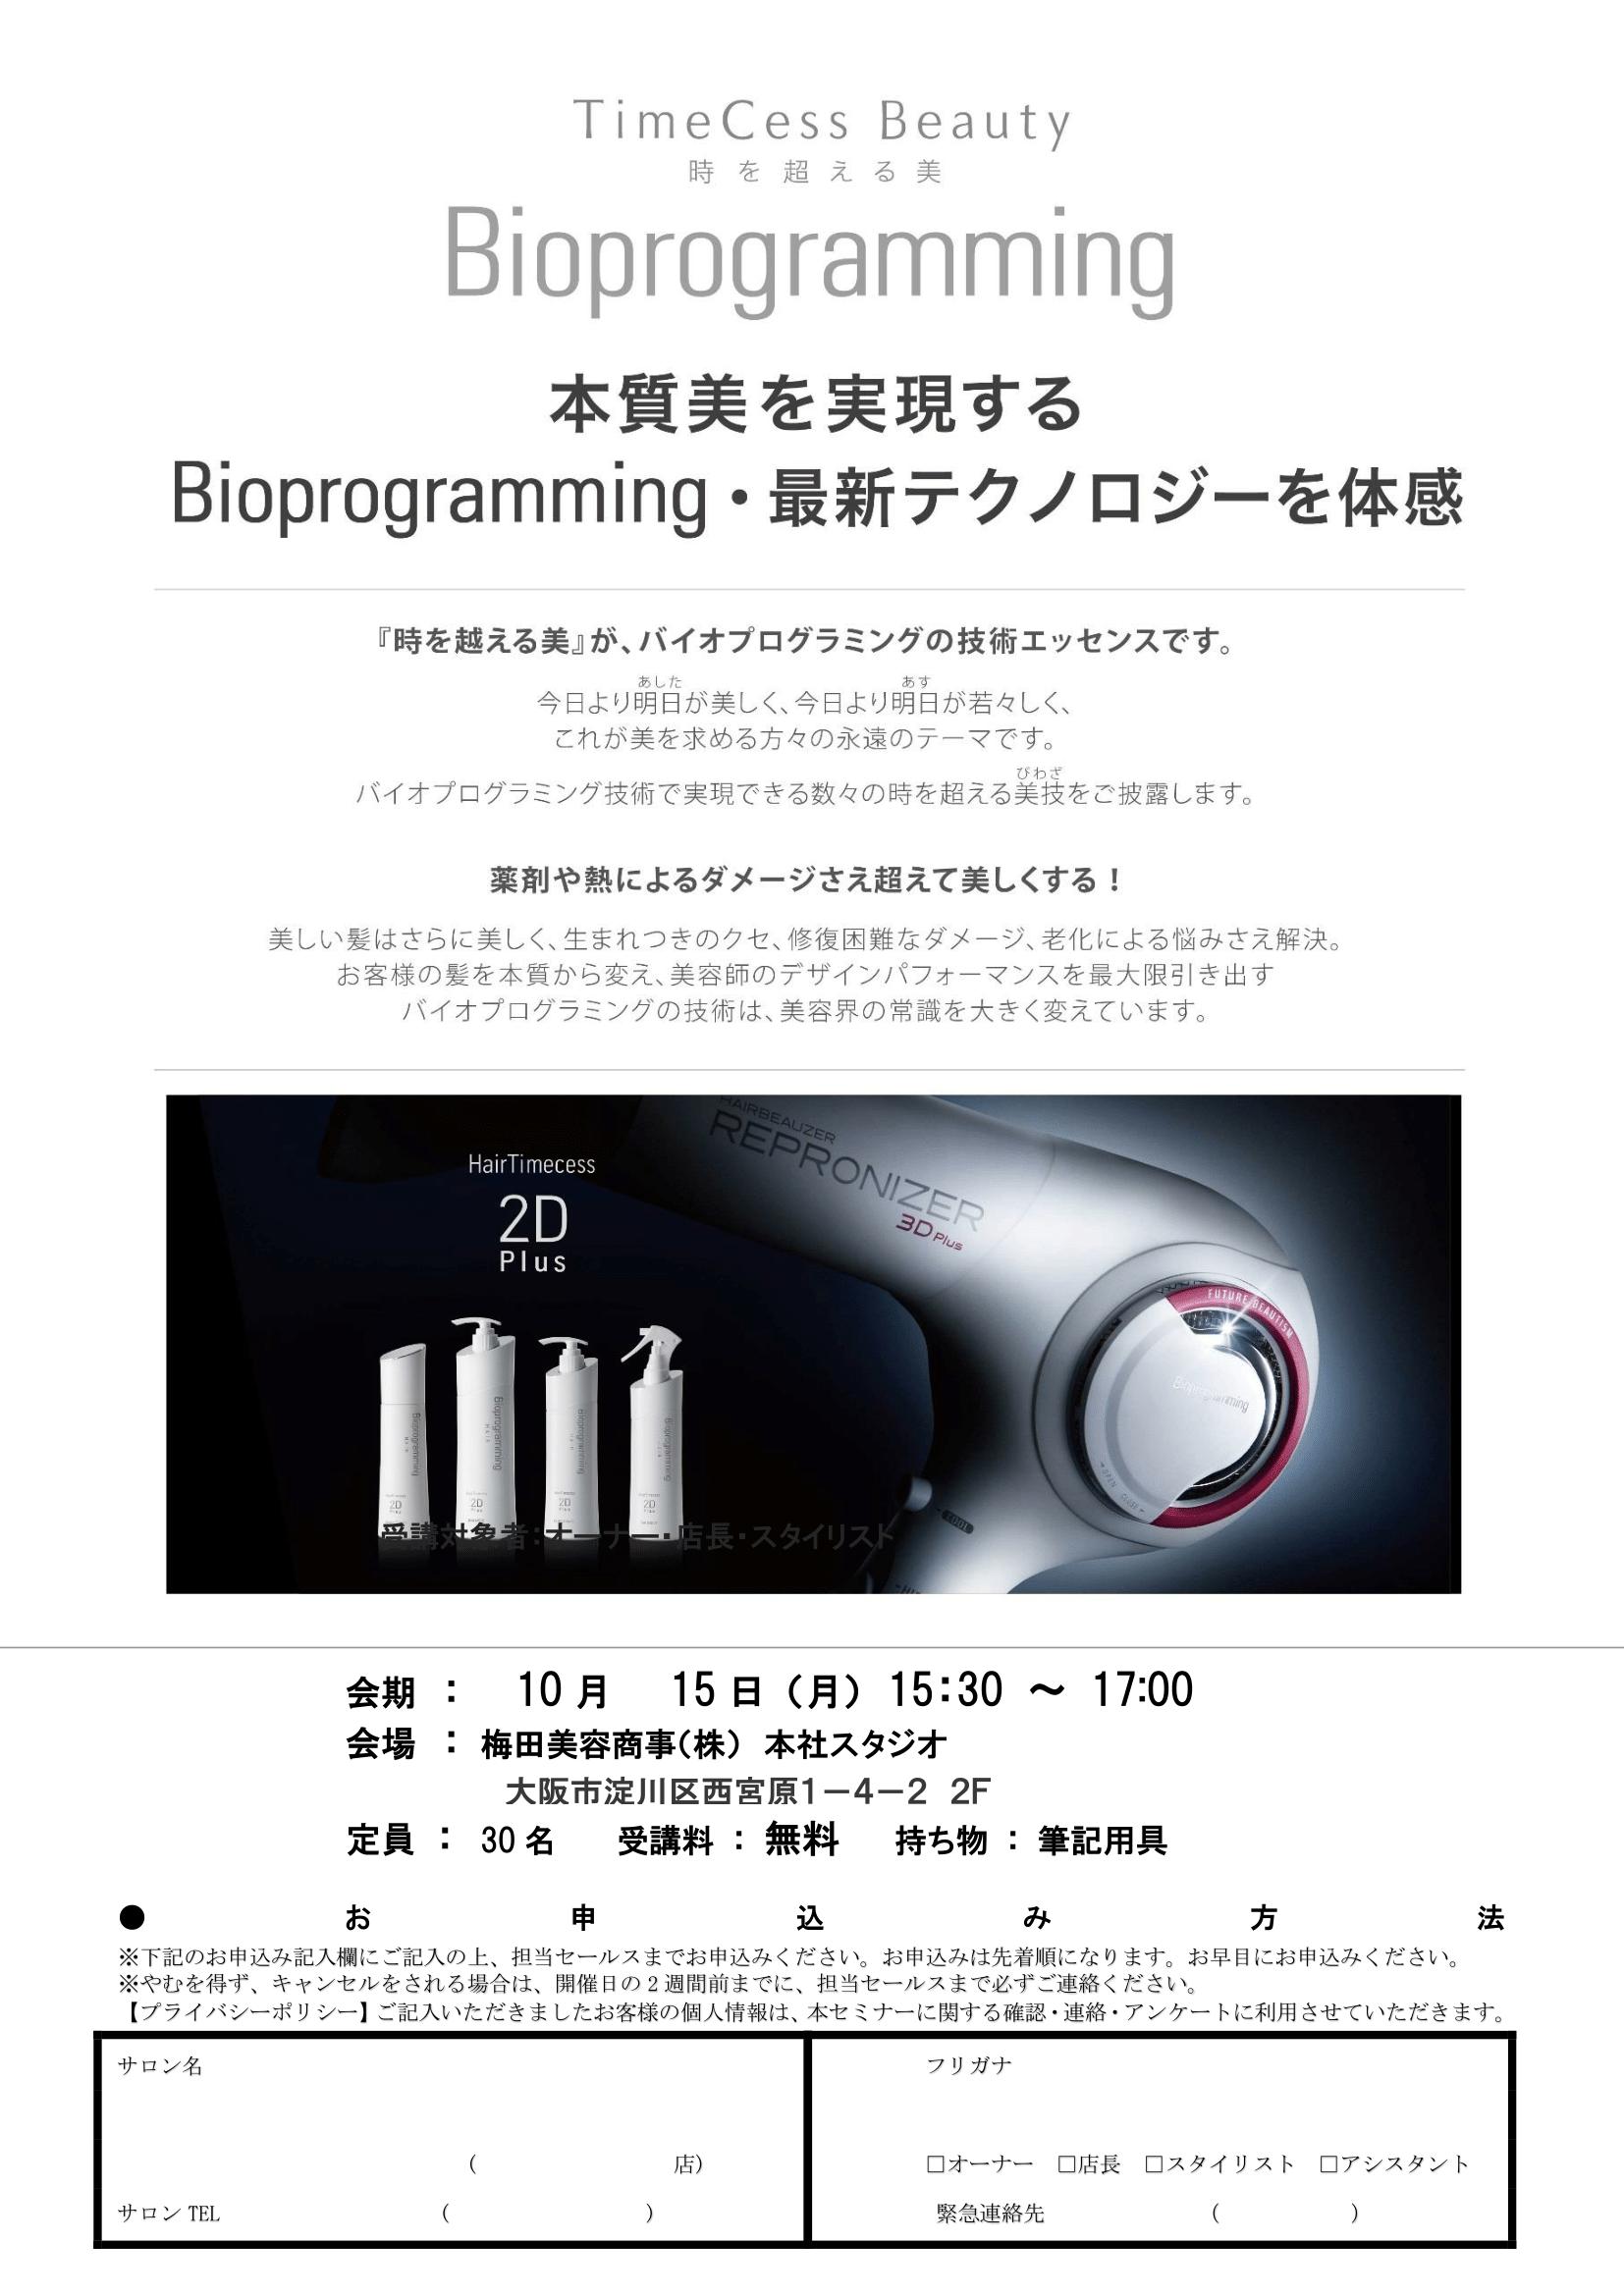 【大阪】リュミエリーナ ヘアタイムセス3D